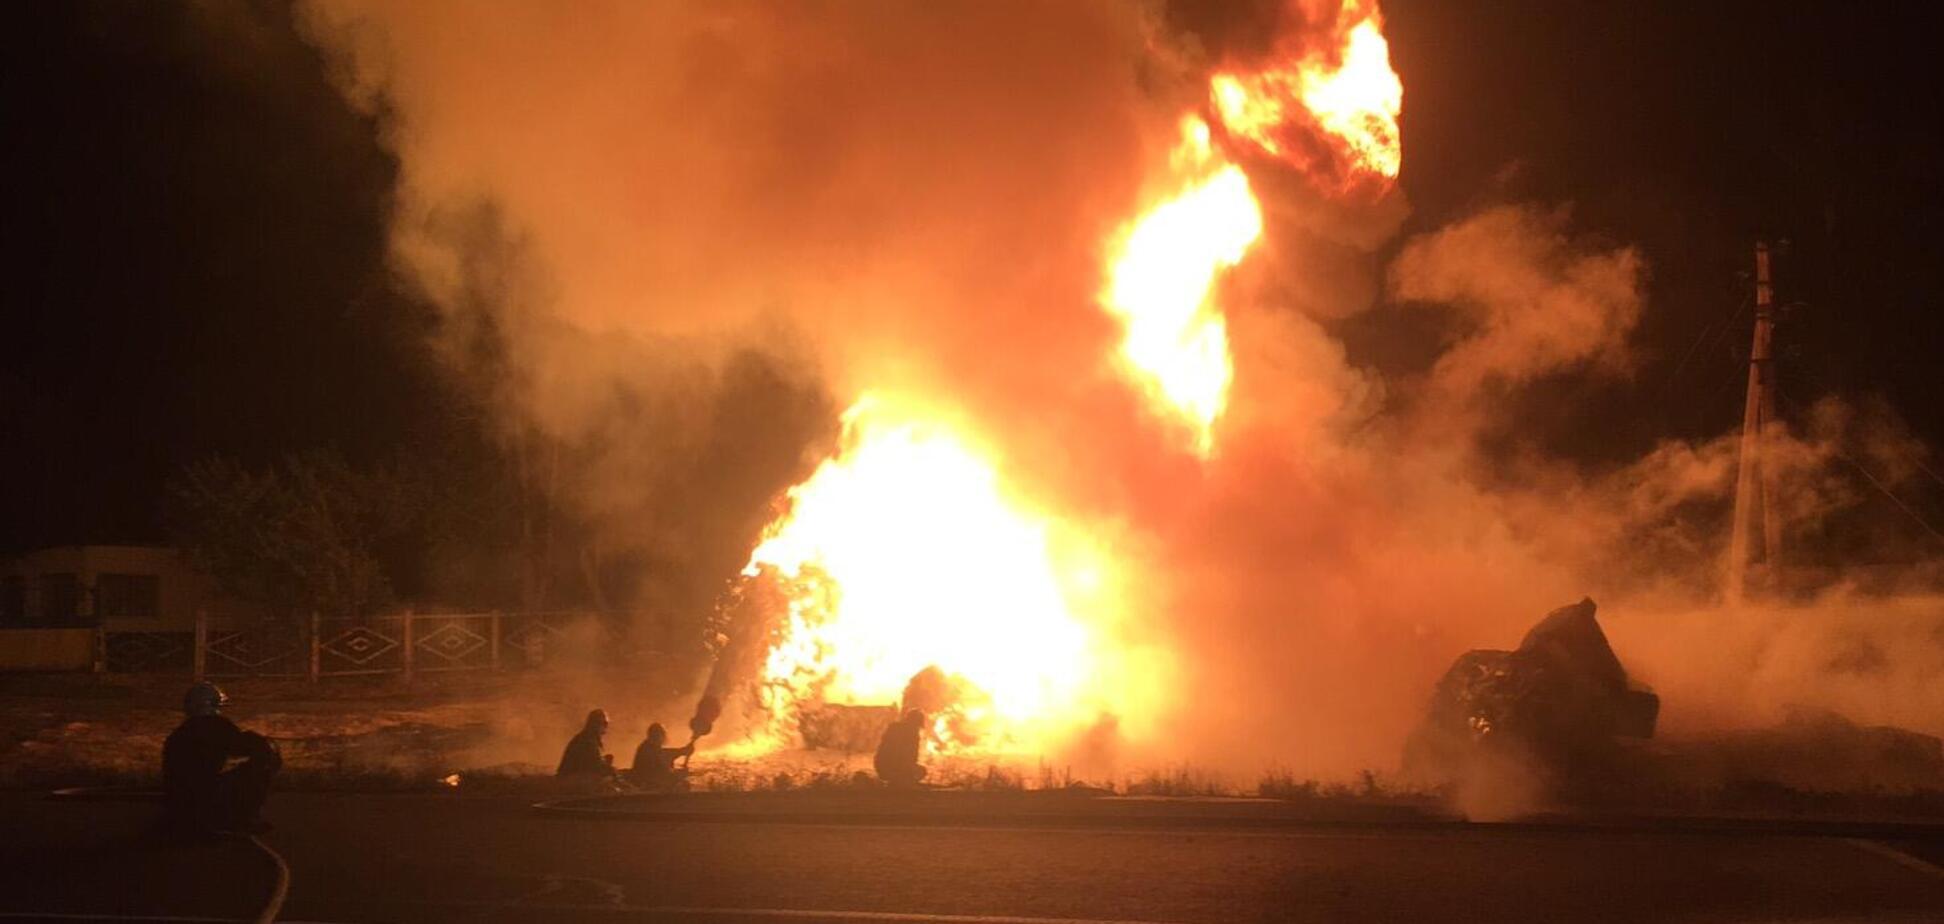 Під Черкасами загорілася цистерна з пальним: загинув молодий водій